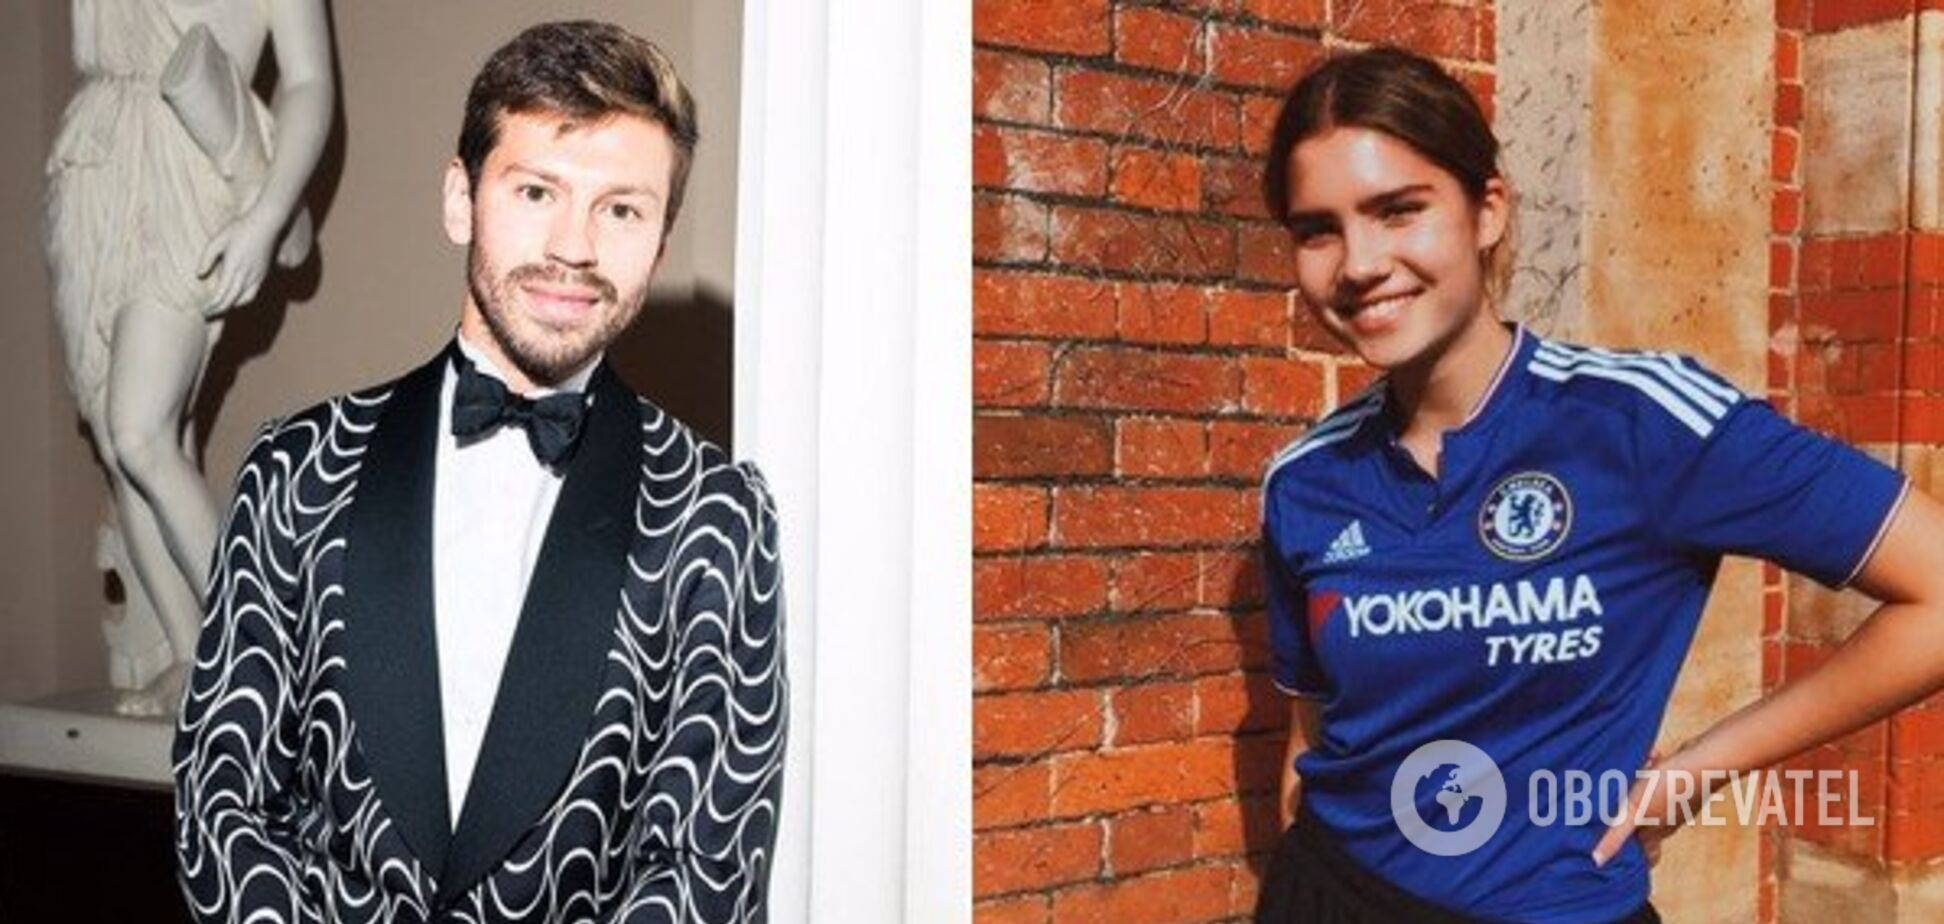 Внучка Ельцина закрутила роман с известным российским футболистом